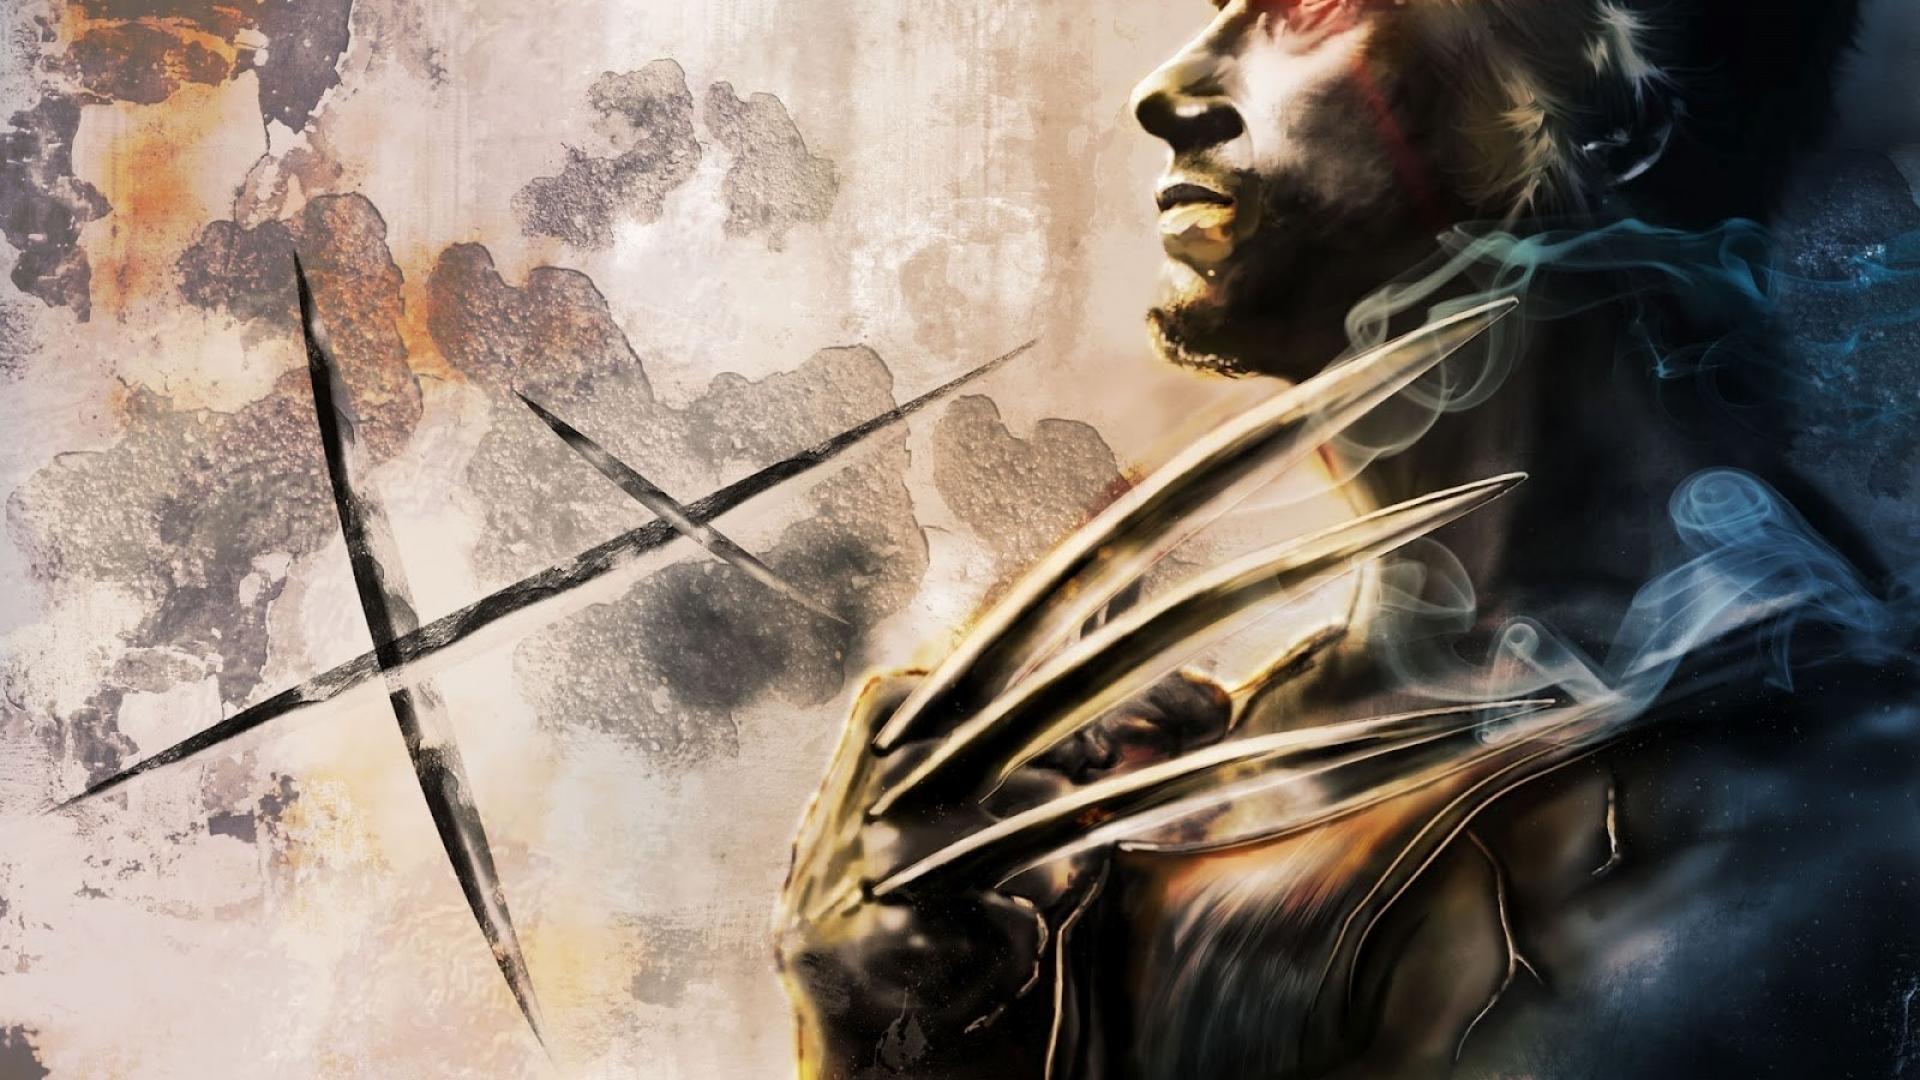 x men movies hd wallpapers | pixelstalk